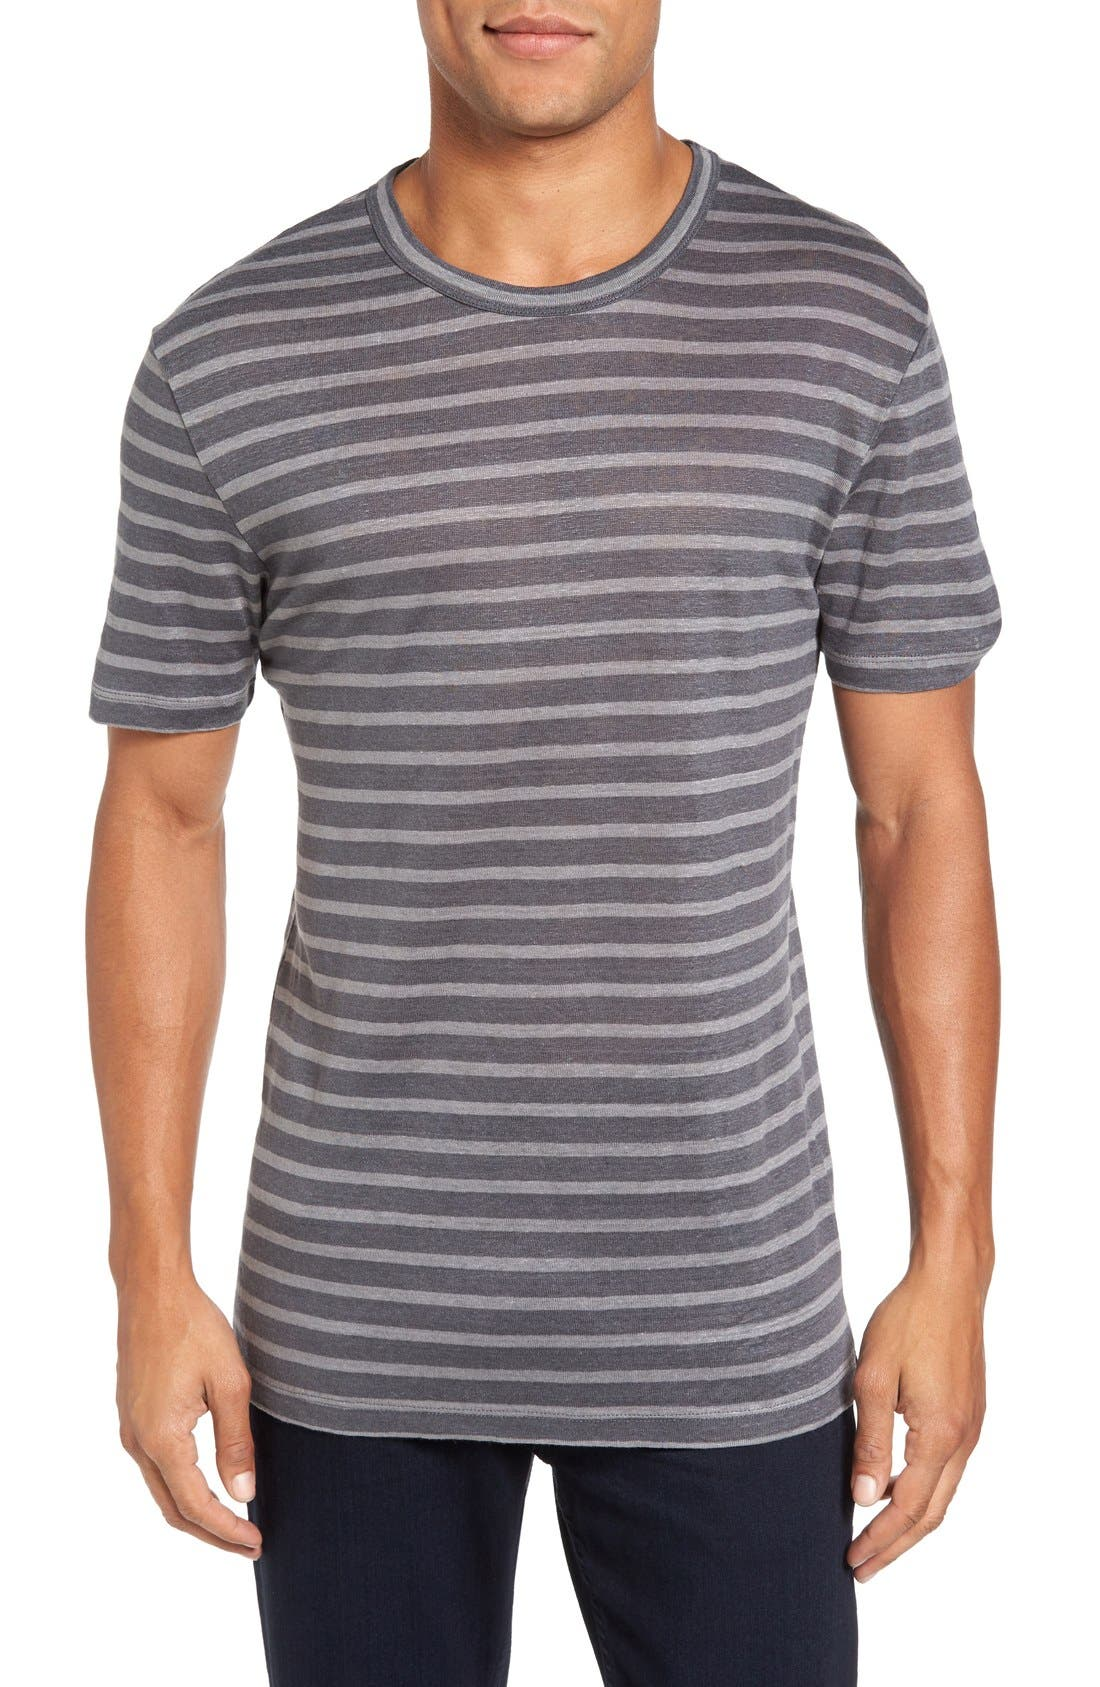 Alternate Image 1 Selected - Slate & Stone Stripe Linen T-Shirt